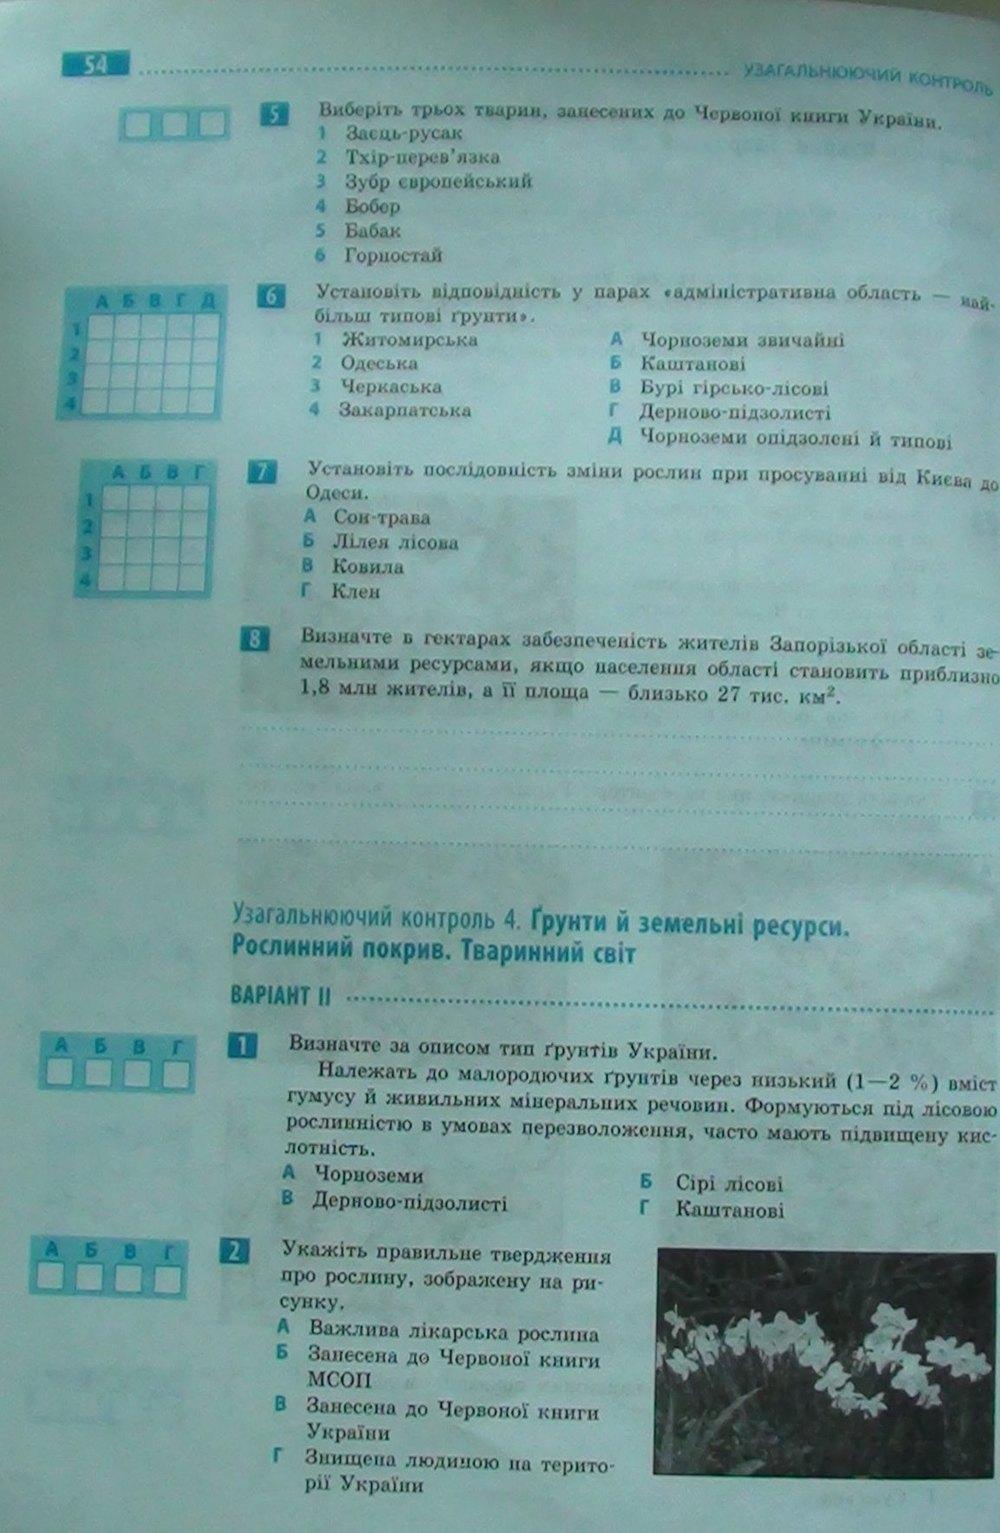 гдз для практичних робіт з географії 8 клас о.г стадник